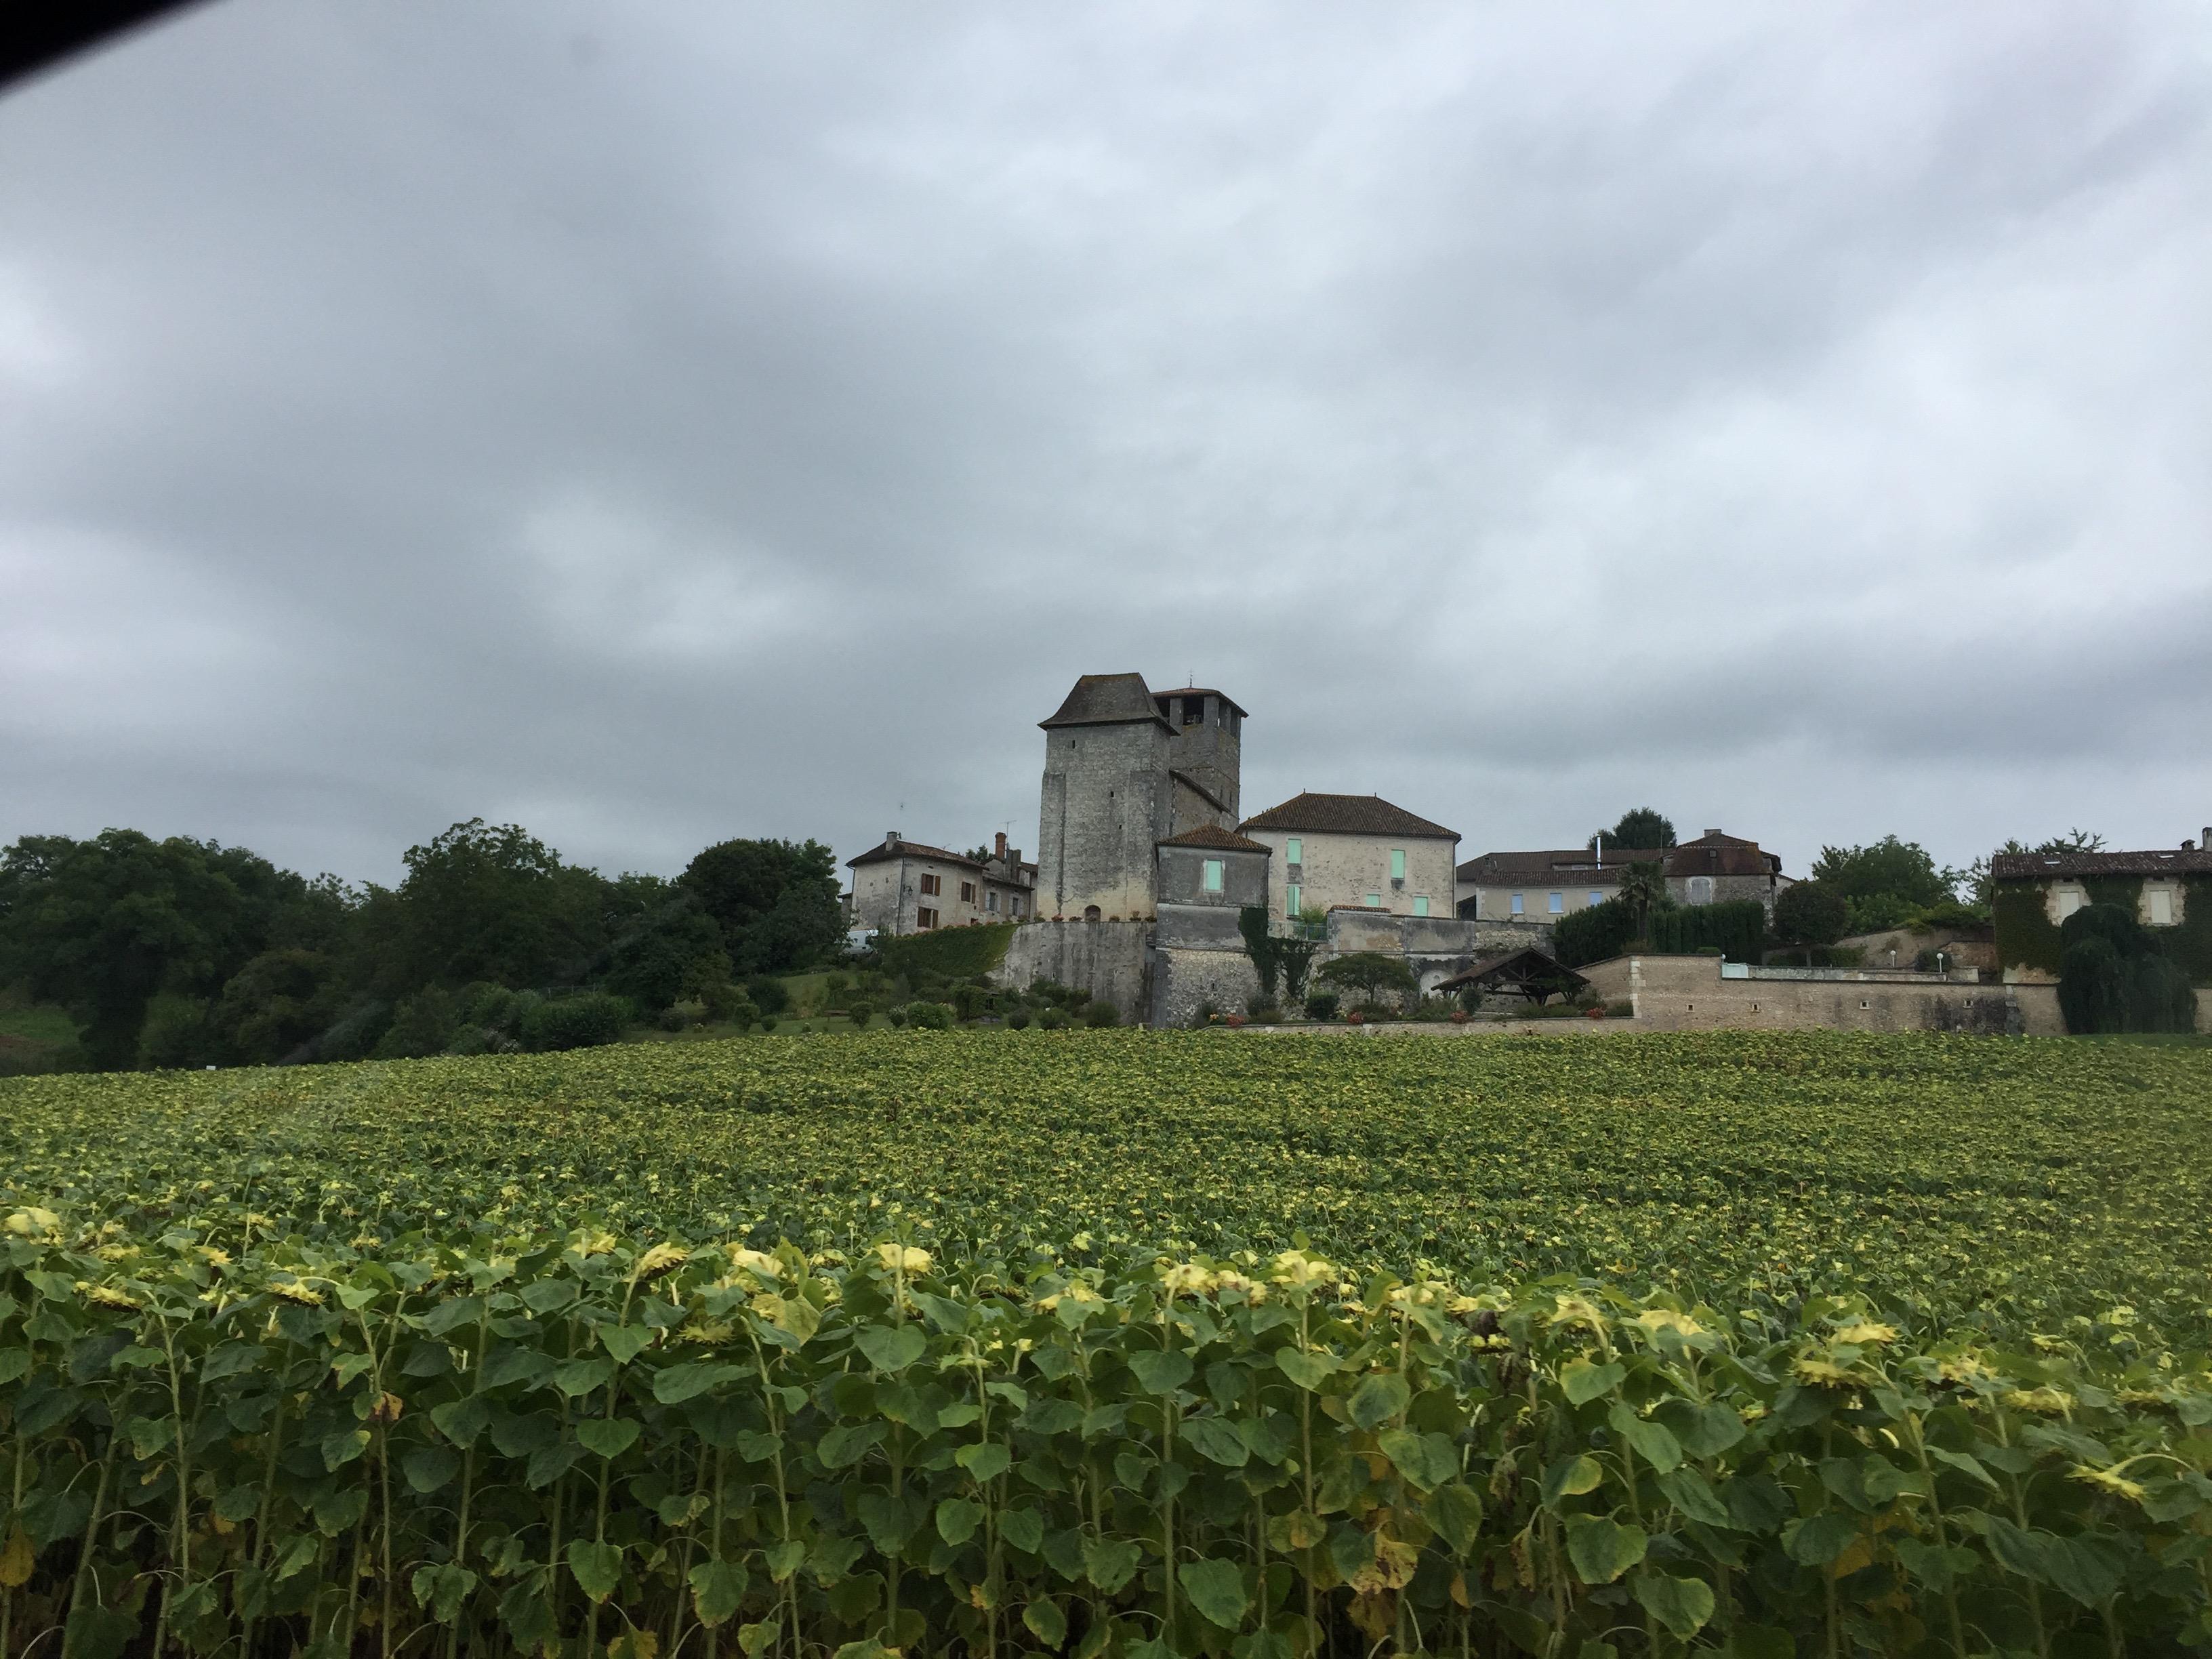 Le village de Siorac